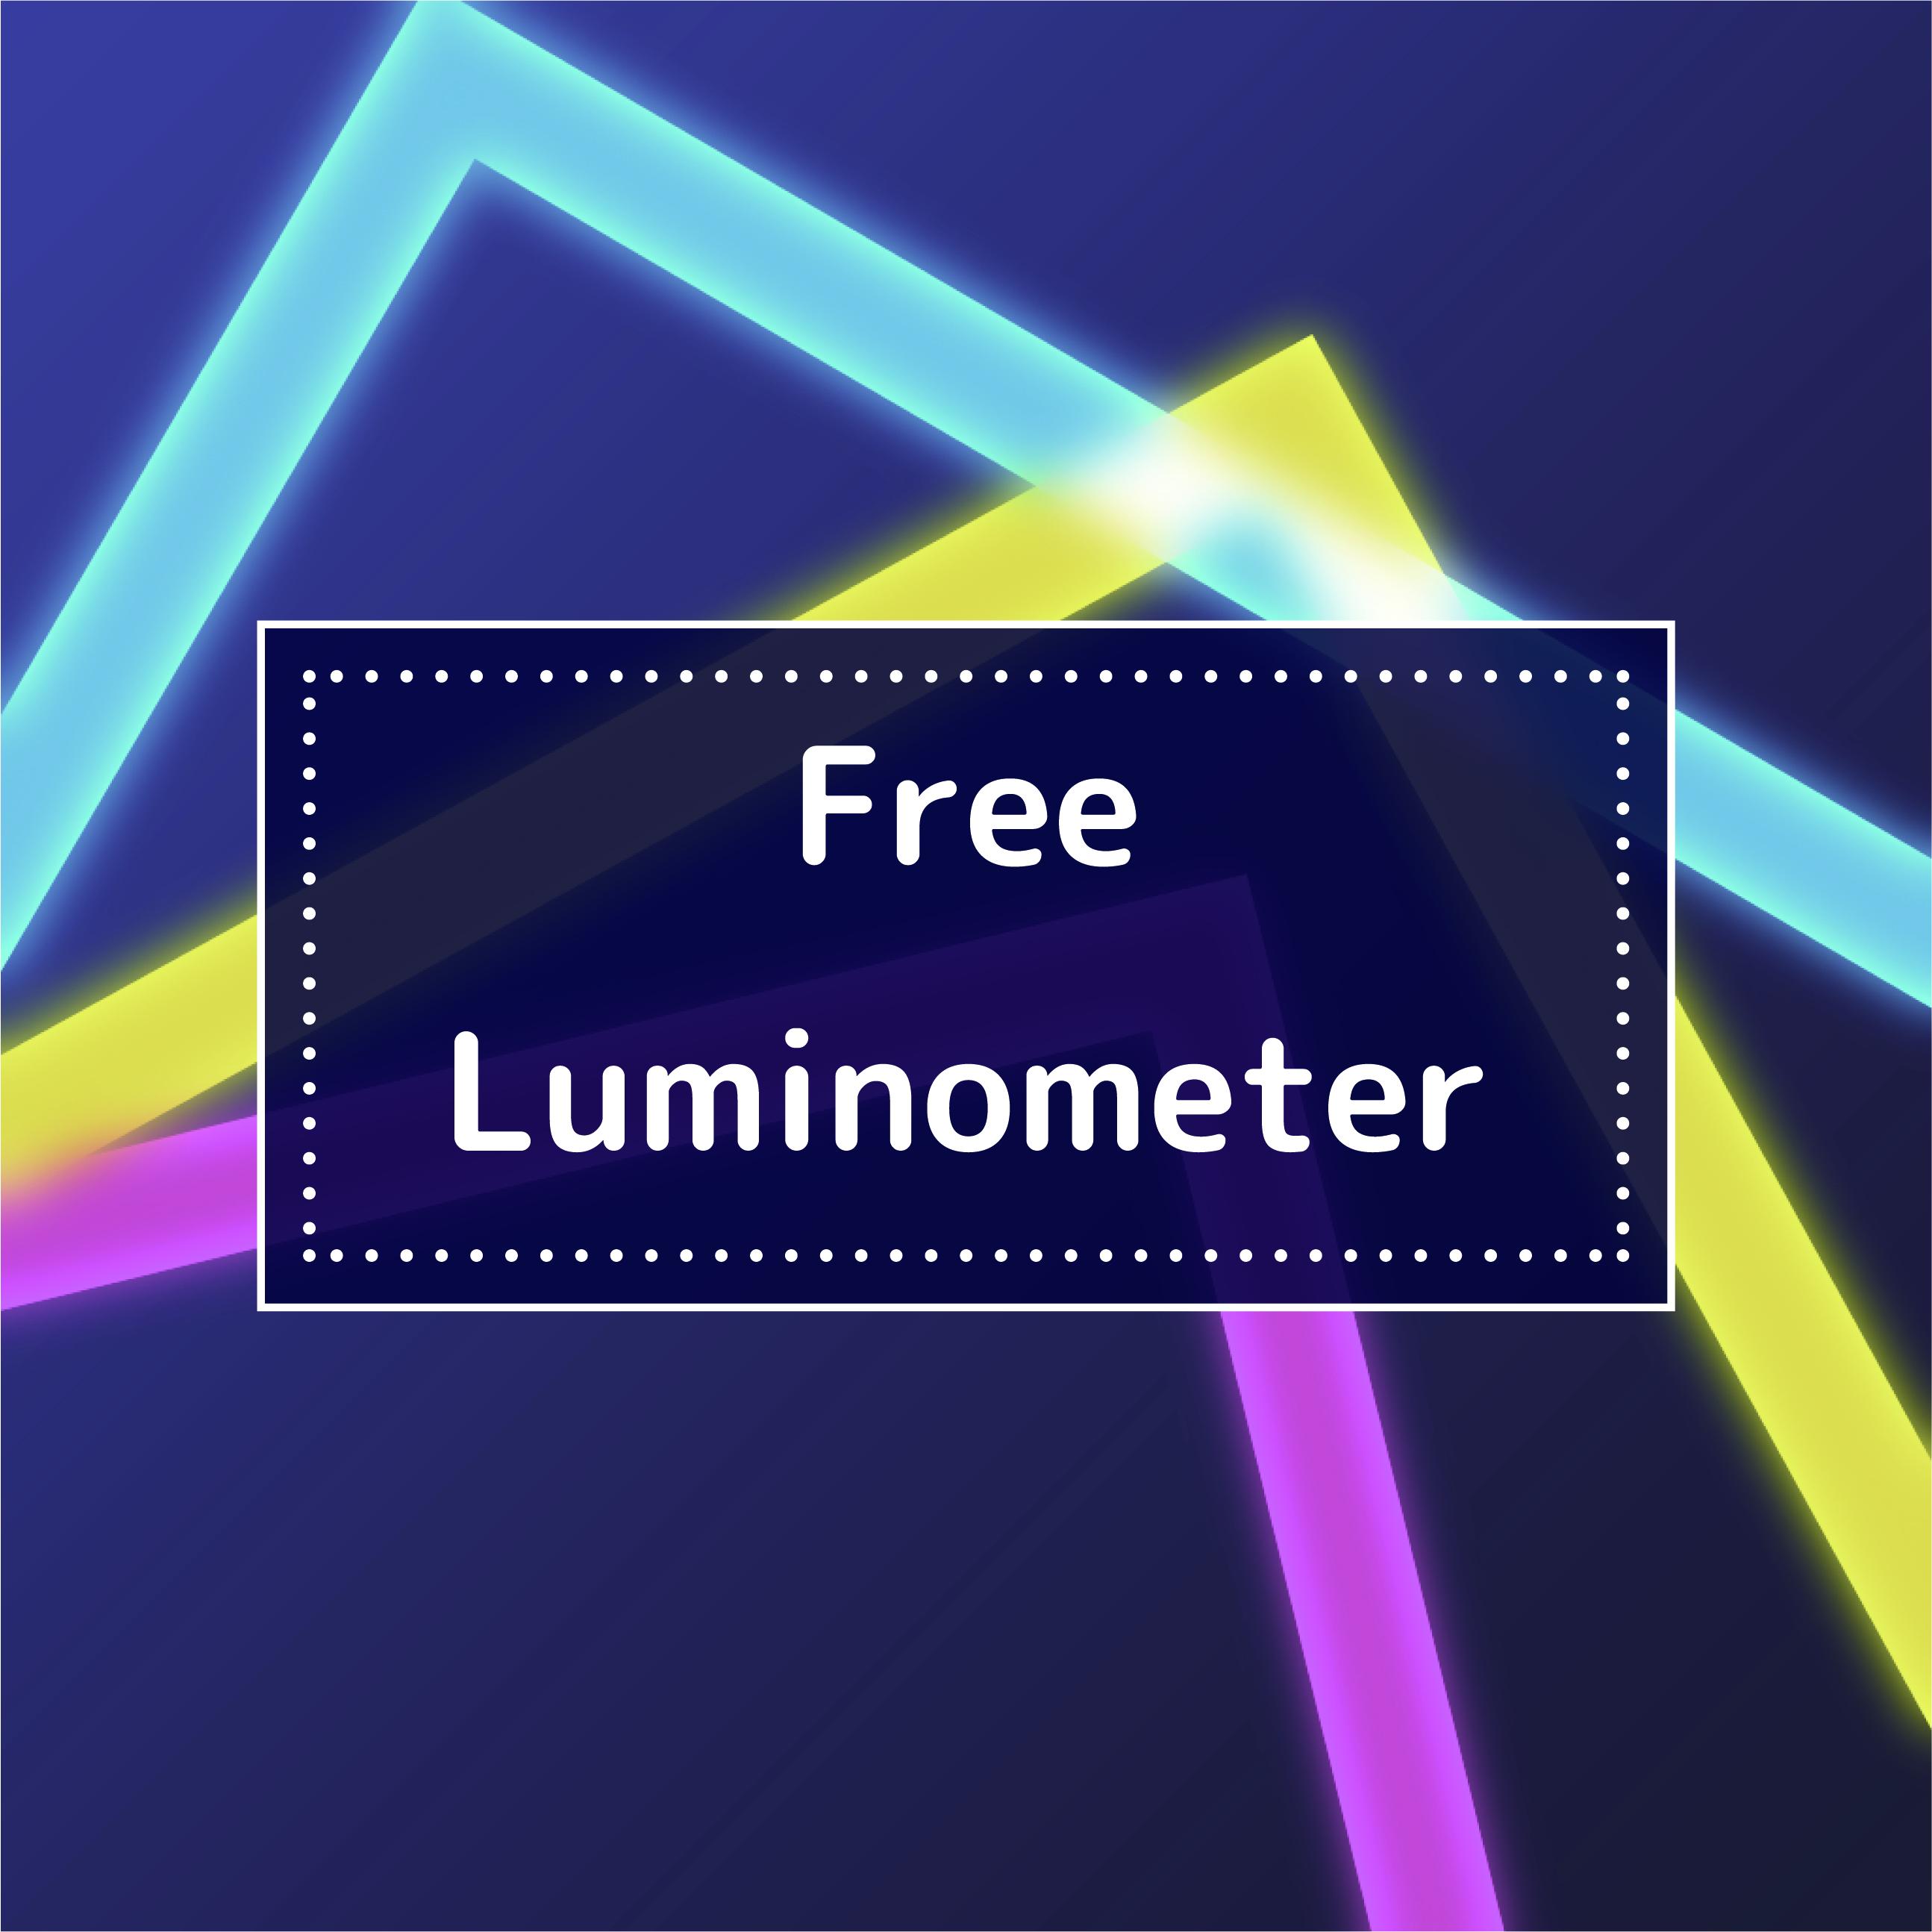 写真を撮るだけで照度が測れる!岩崎電気の照度計アプリ『QUAPIX Light』をご紹介